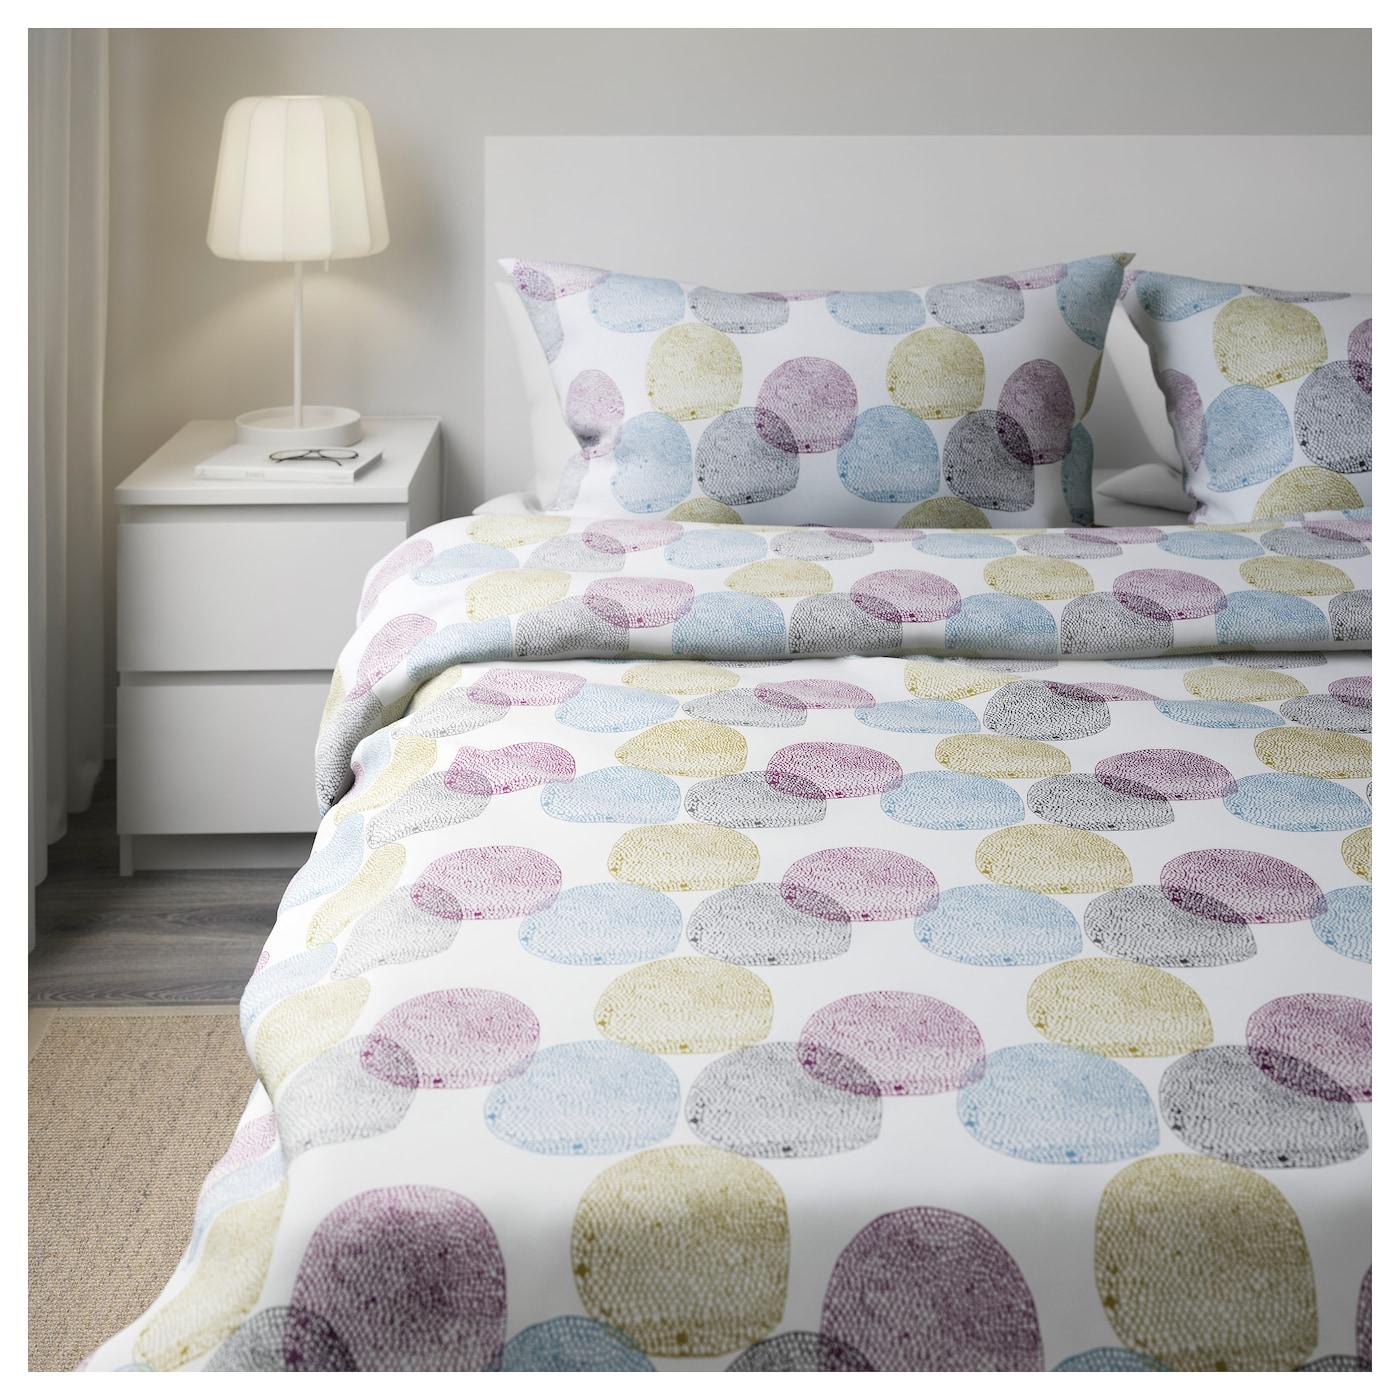 malin rund housse de couette et 2 taies multicolore 240x220 50x60 cm ikea. Black Bedroom Furniture Sets. Home Design Ideas